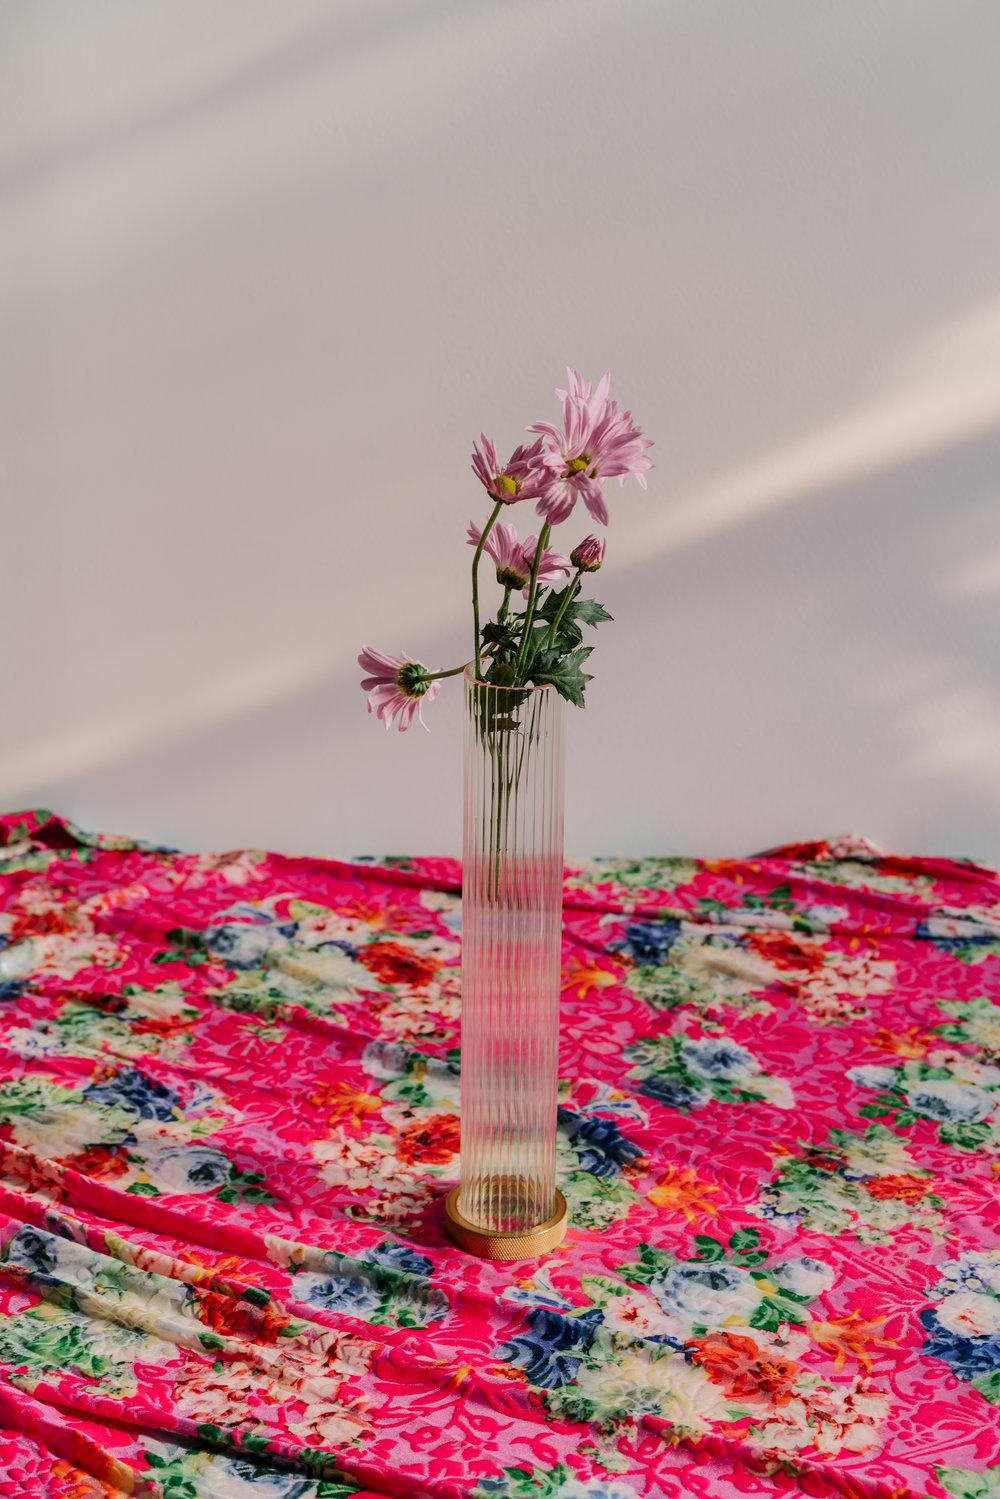 Flowers-02174.jpg